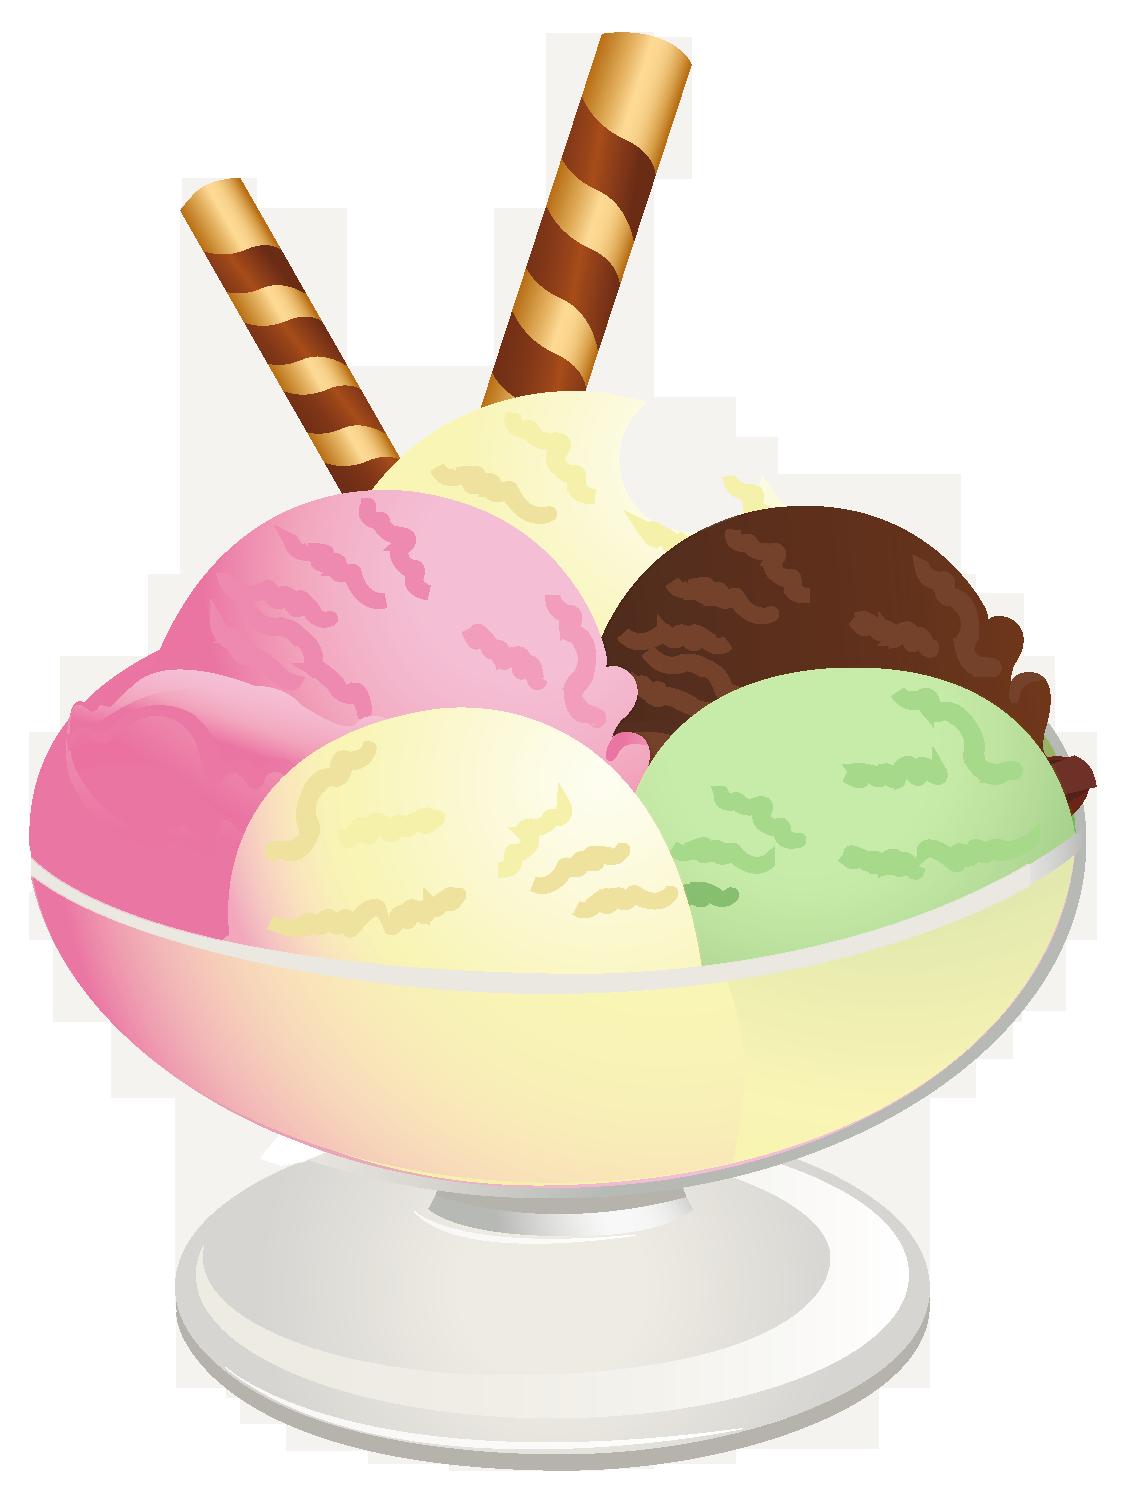 ... Ice Cream Sundae Clip Art - cliparta-... Ice Cream Sundae Clip Art - clipartall ...-3